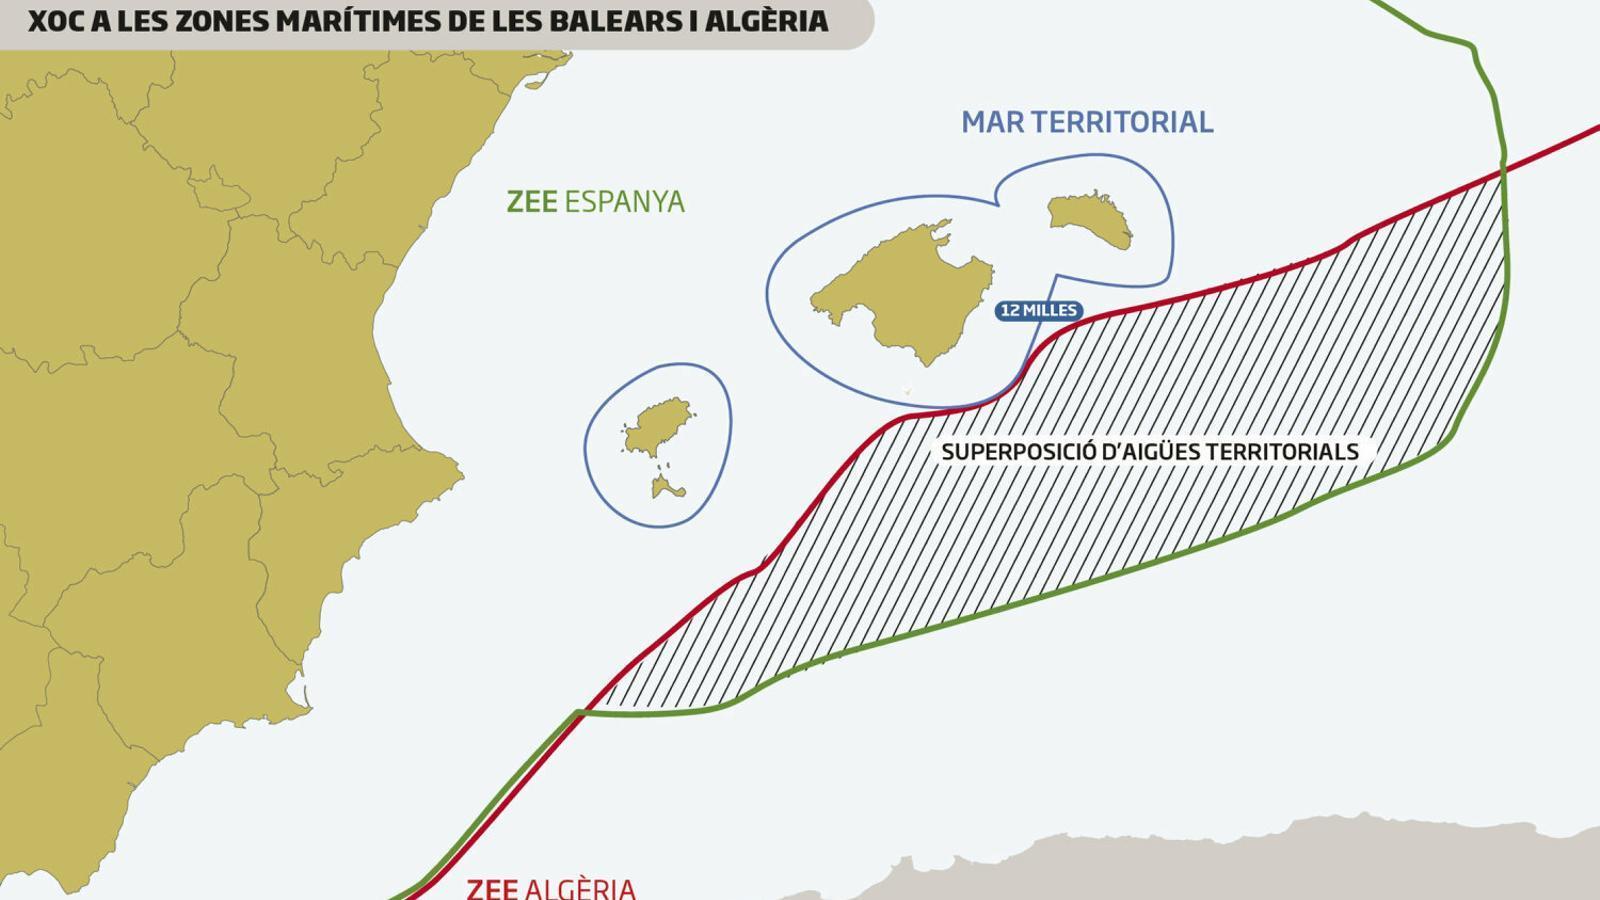 Algèria estén les seves aigües a vint quilòmetres de les Balears